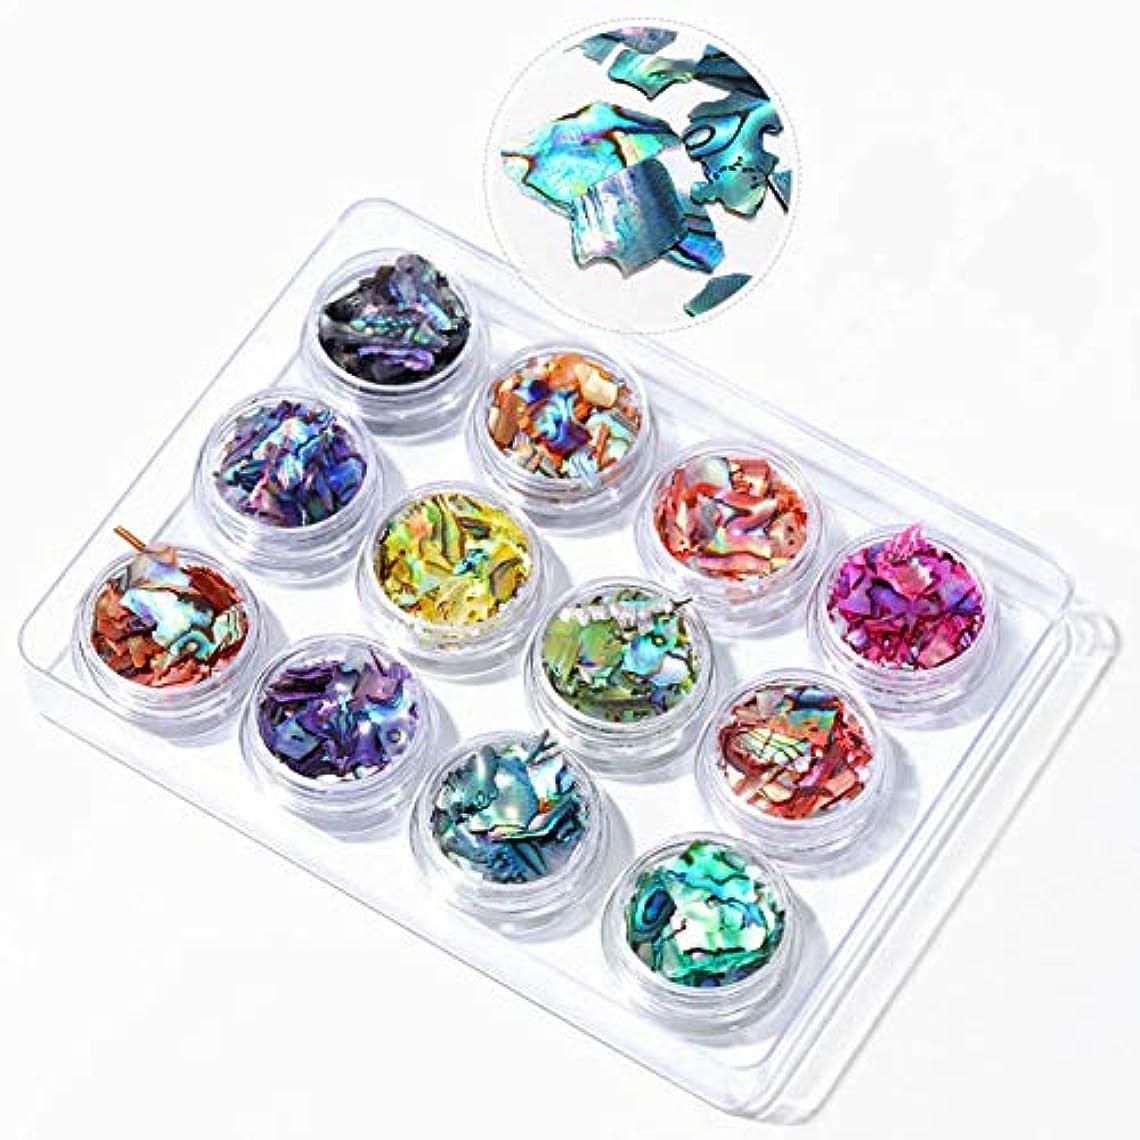 Murakush 12個ネイル装飾品シェルピース色とりどりのアワビピースミラージュピース BKT01